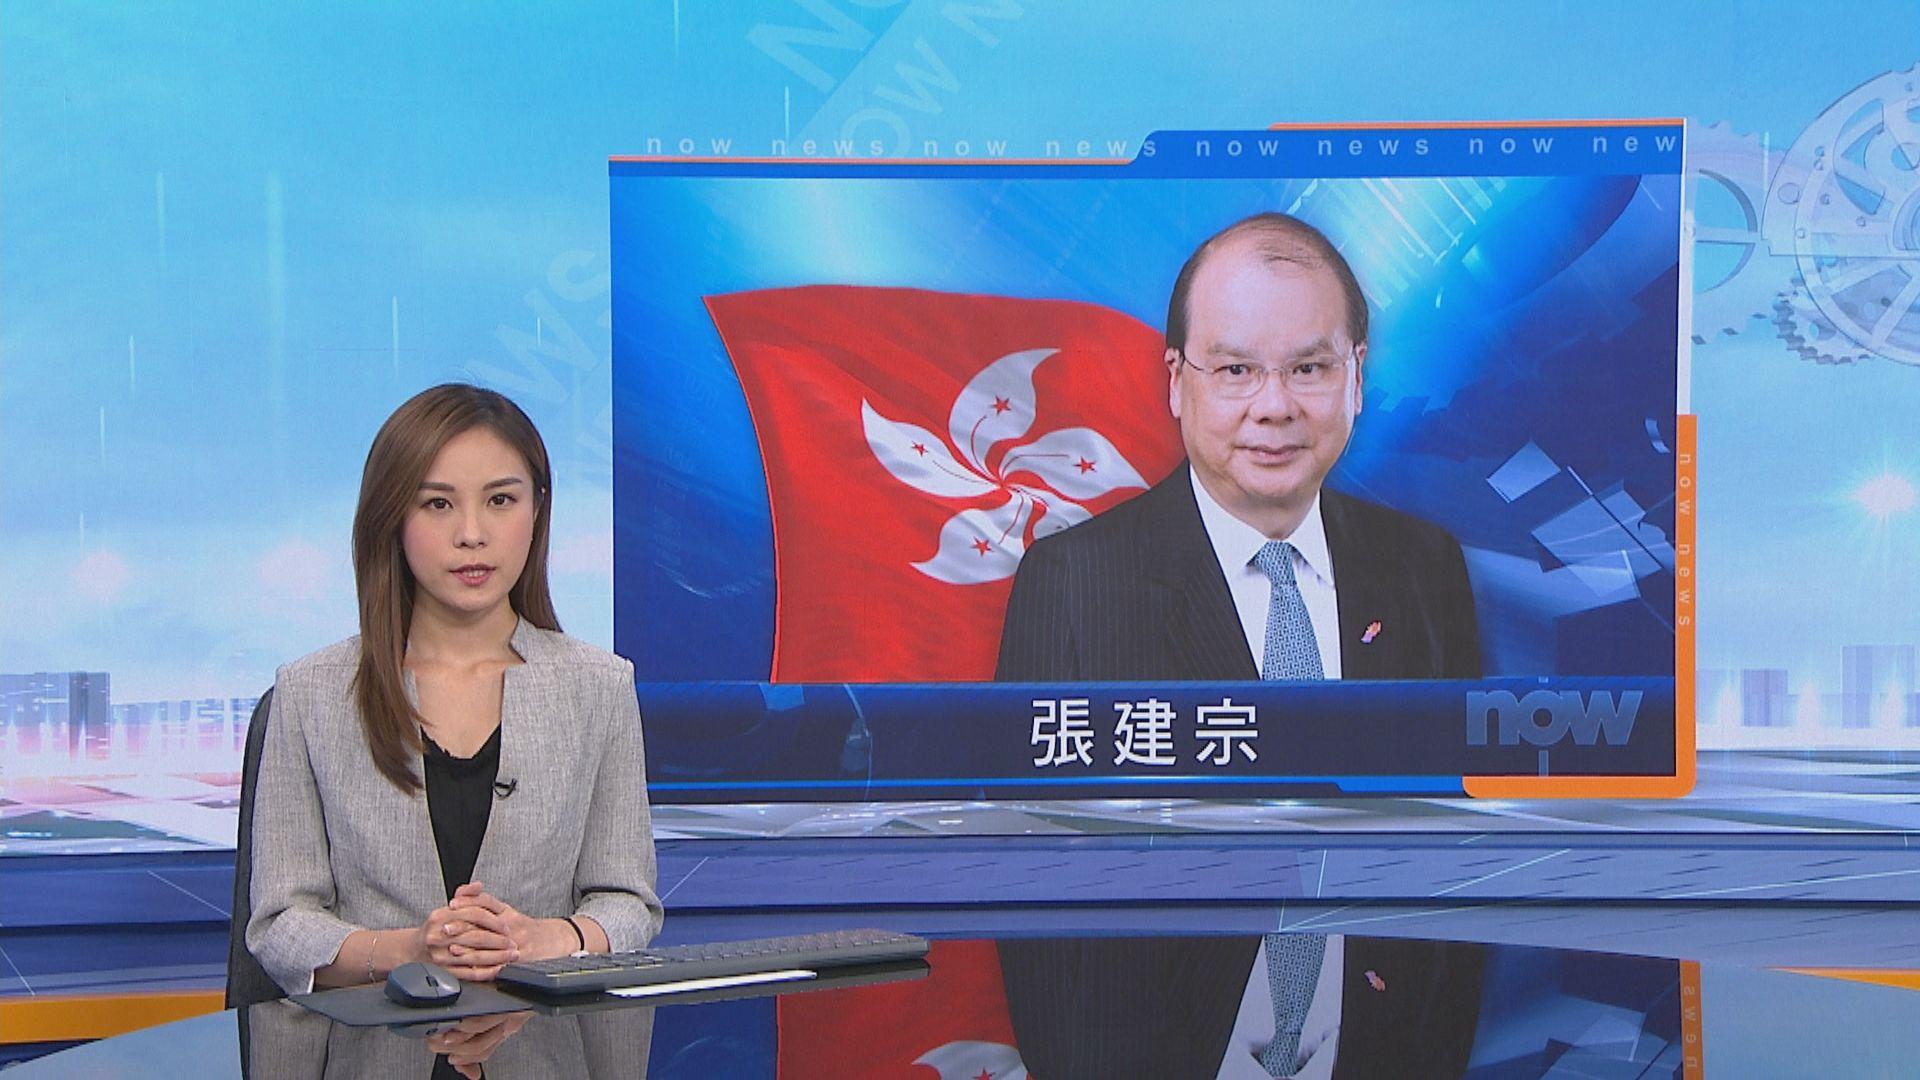 張建宗:香港國安法未有條文細節 現階段不能評論